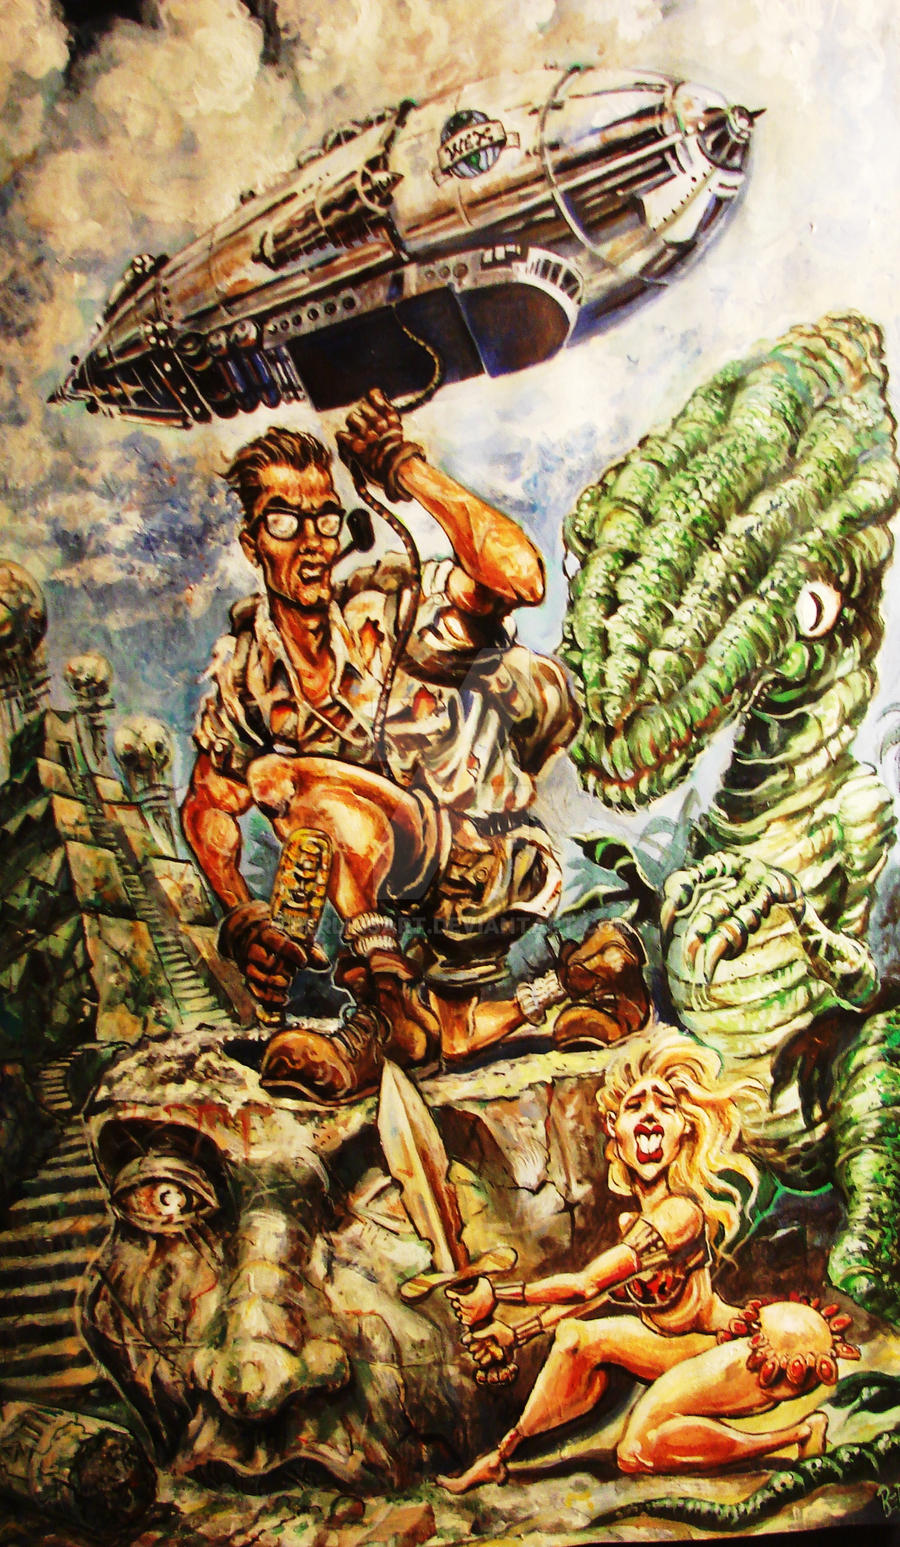 PROF WEXLER, WORLD EXPLORER by BERLINsART